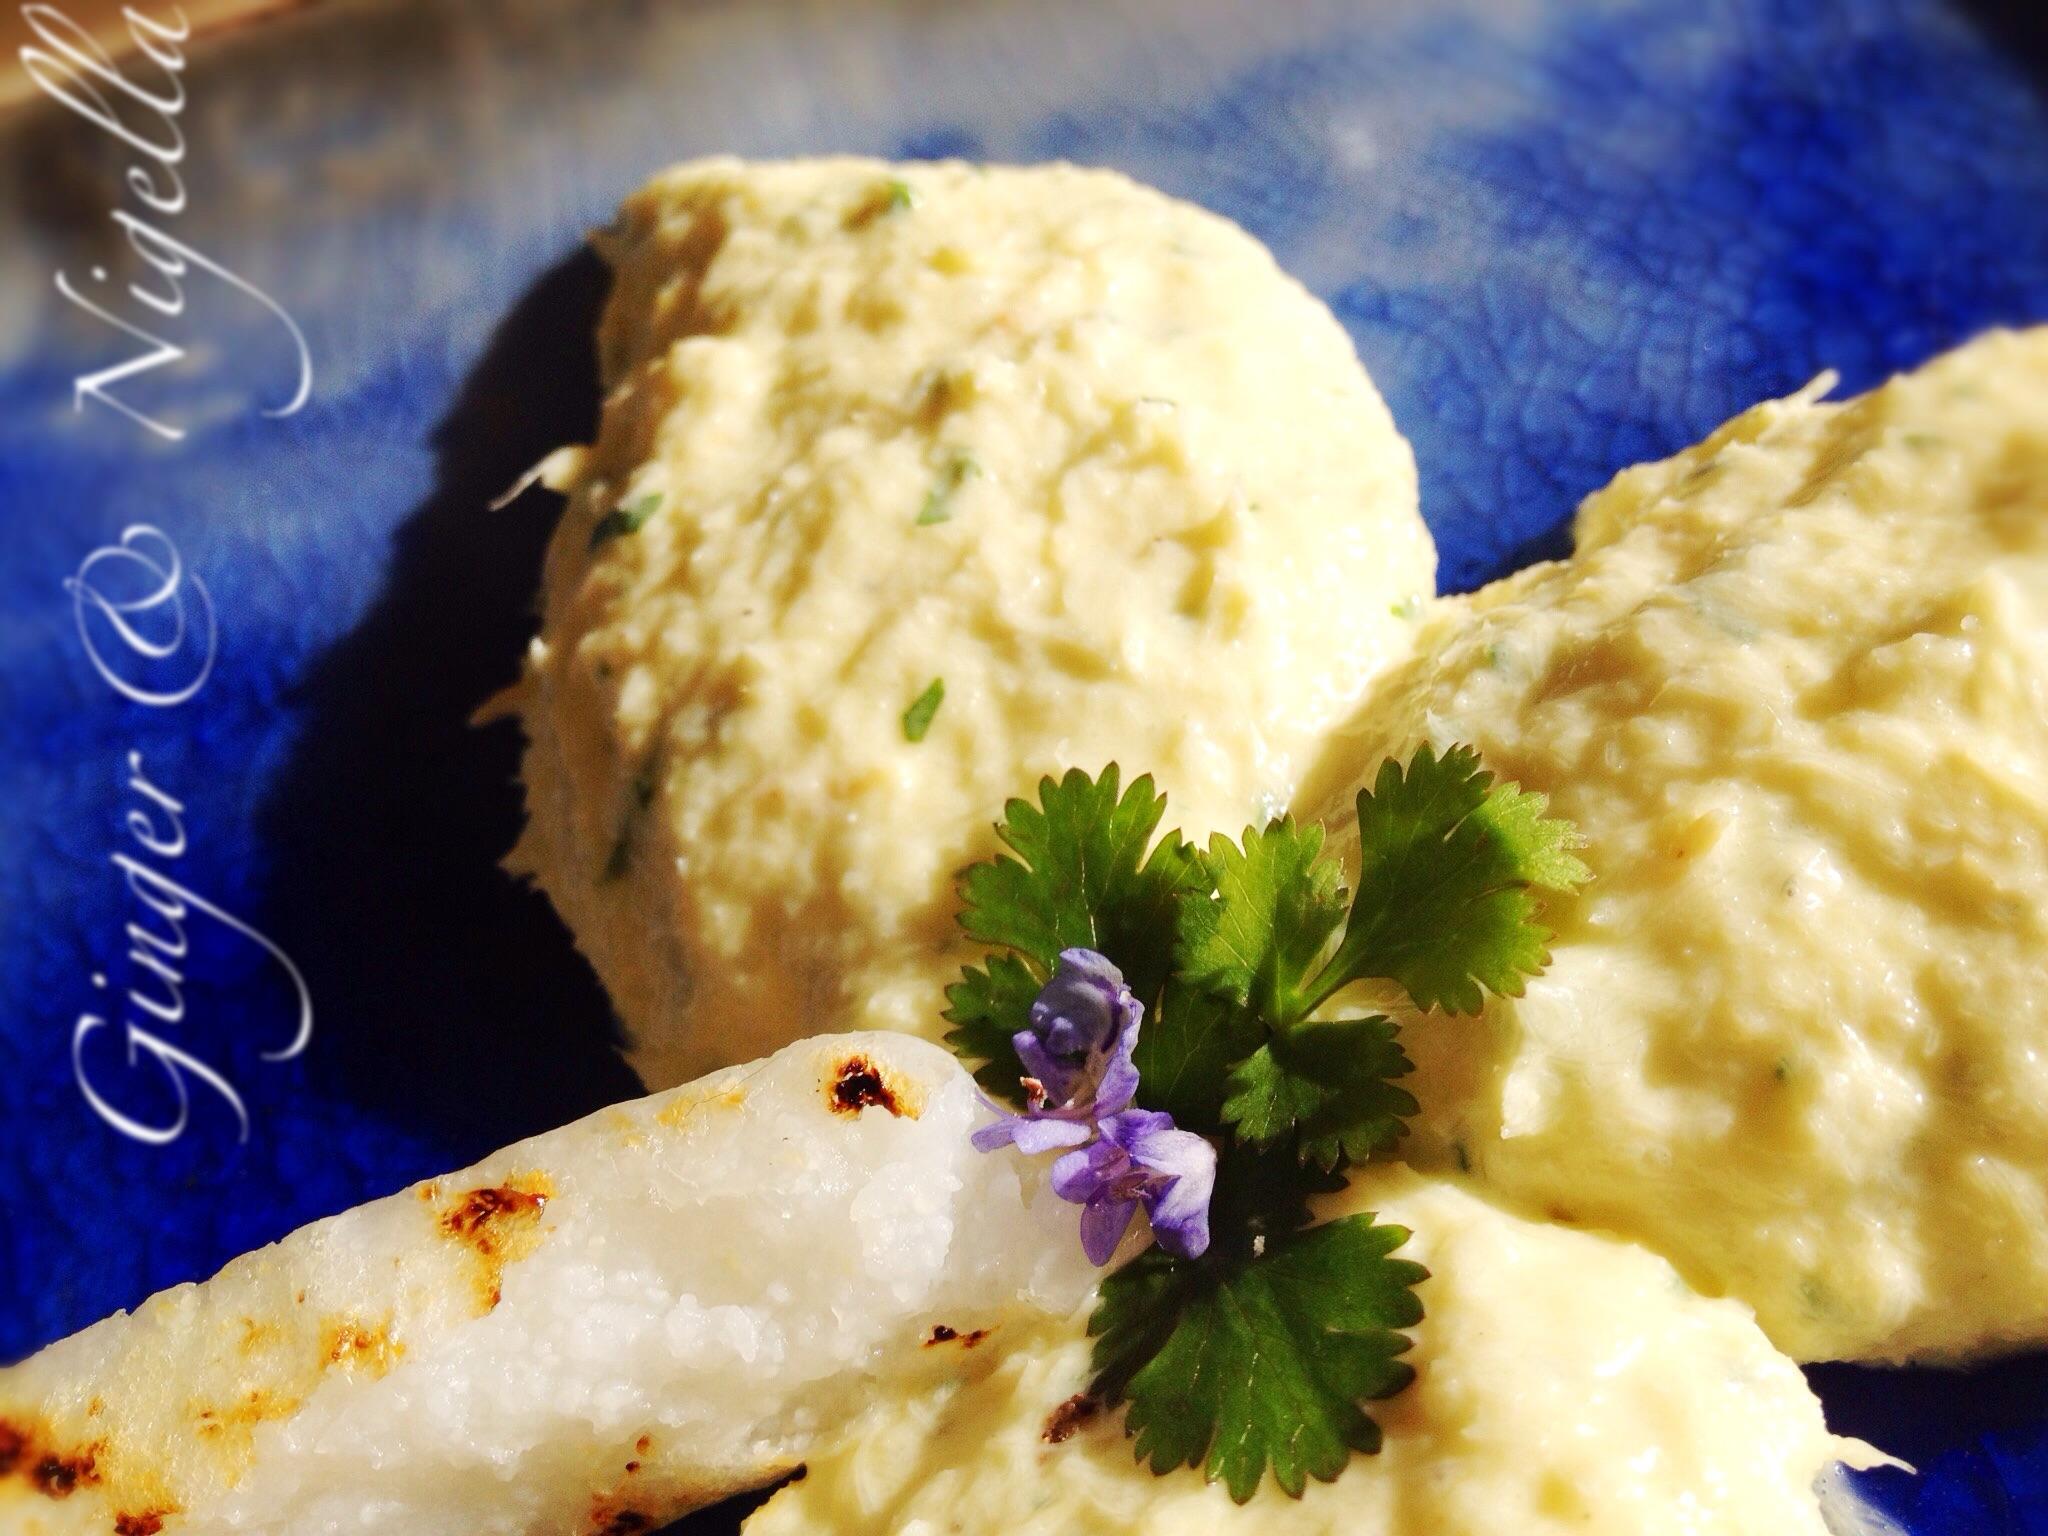 Baccalà mantecato, Ricetta baccala', Stoccafisso, baccalà, baccala' al sugo, stoccafisso ragno reale delle isole Lofoten ,baccala' mantecato